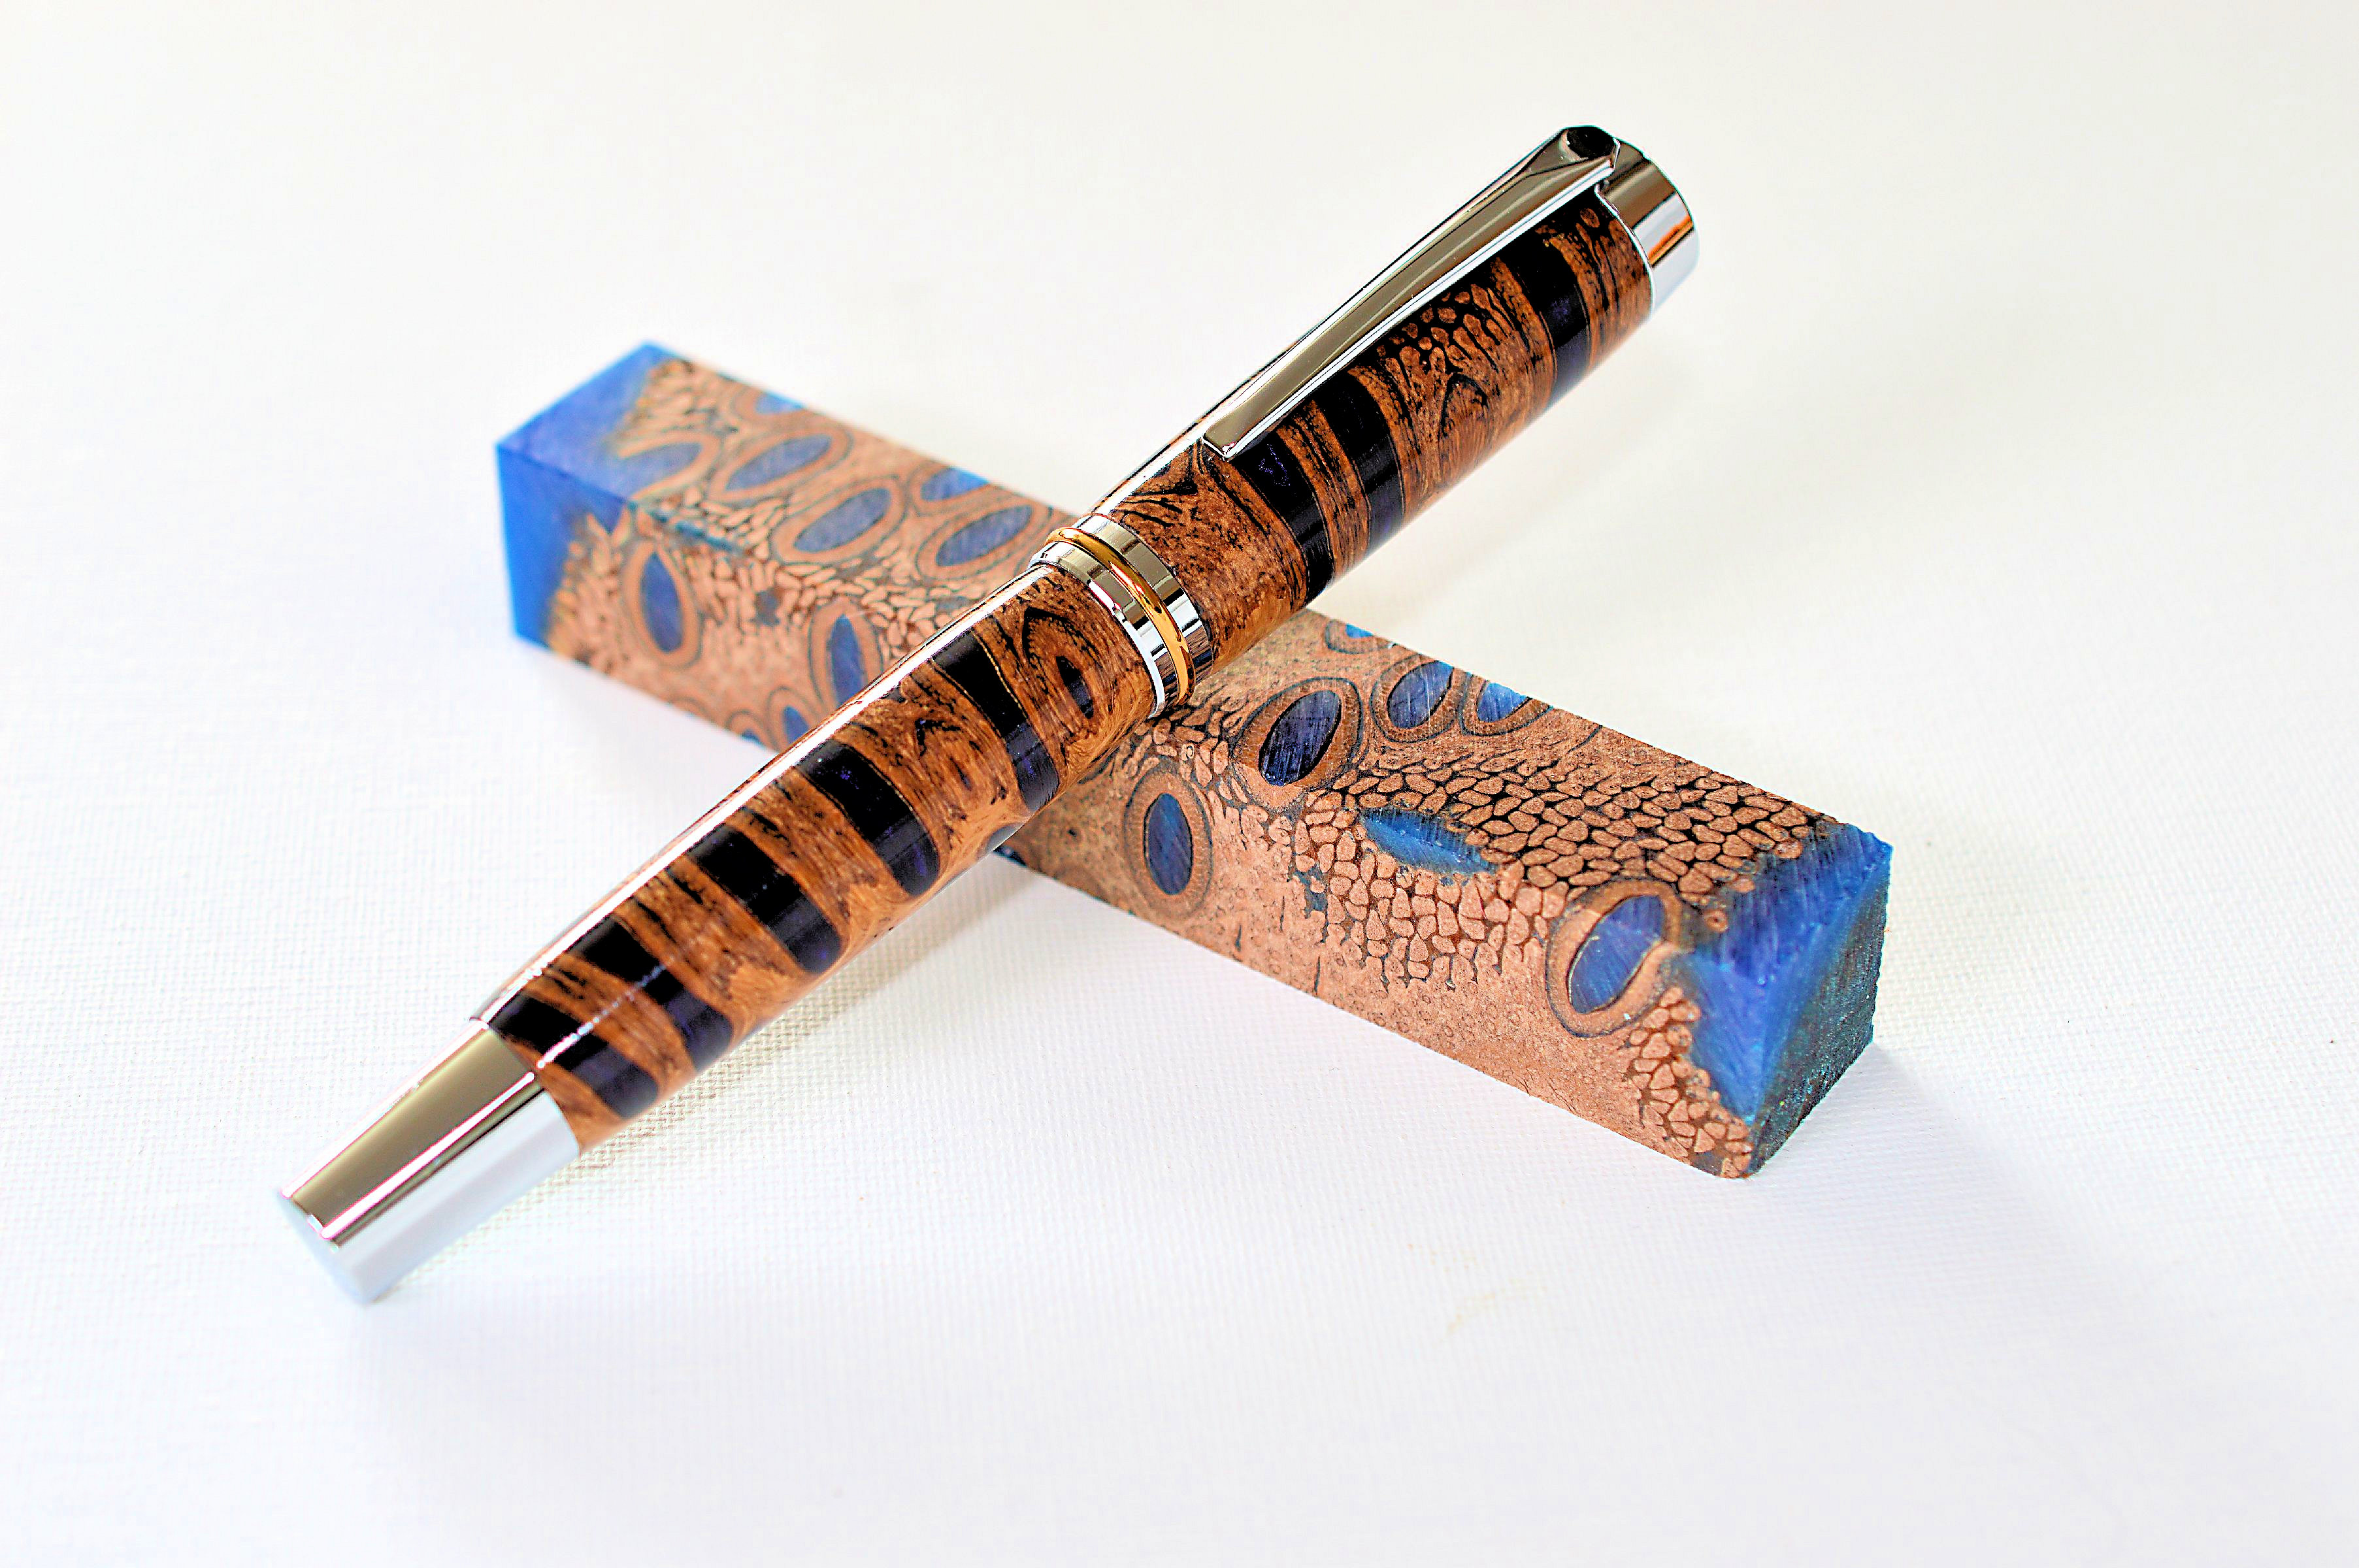 Füller Banksiazapfen blau